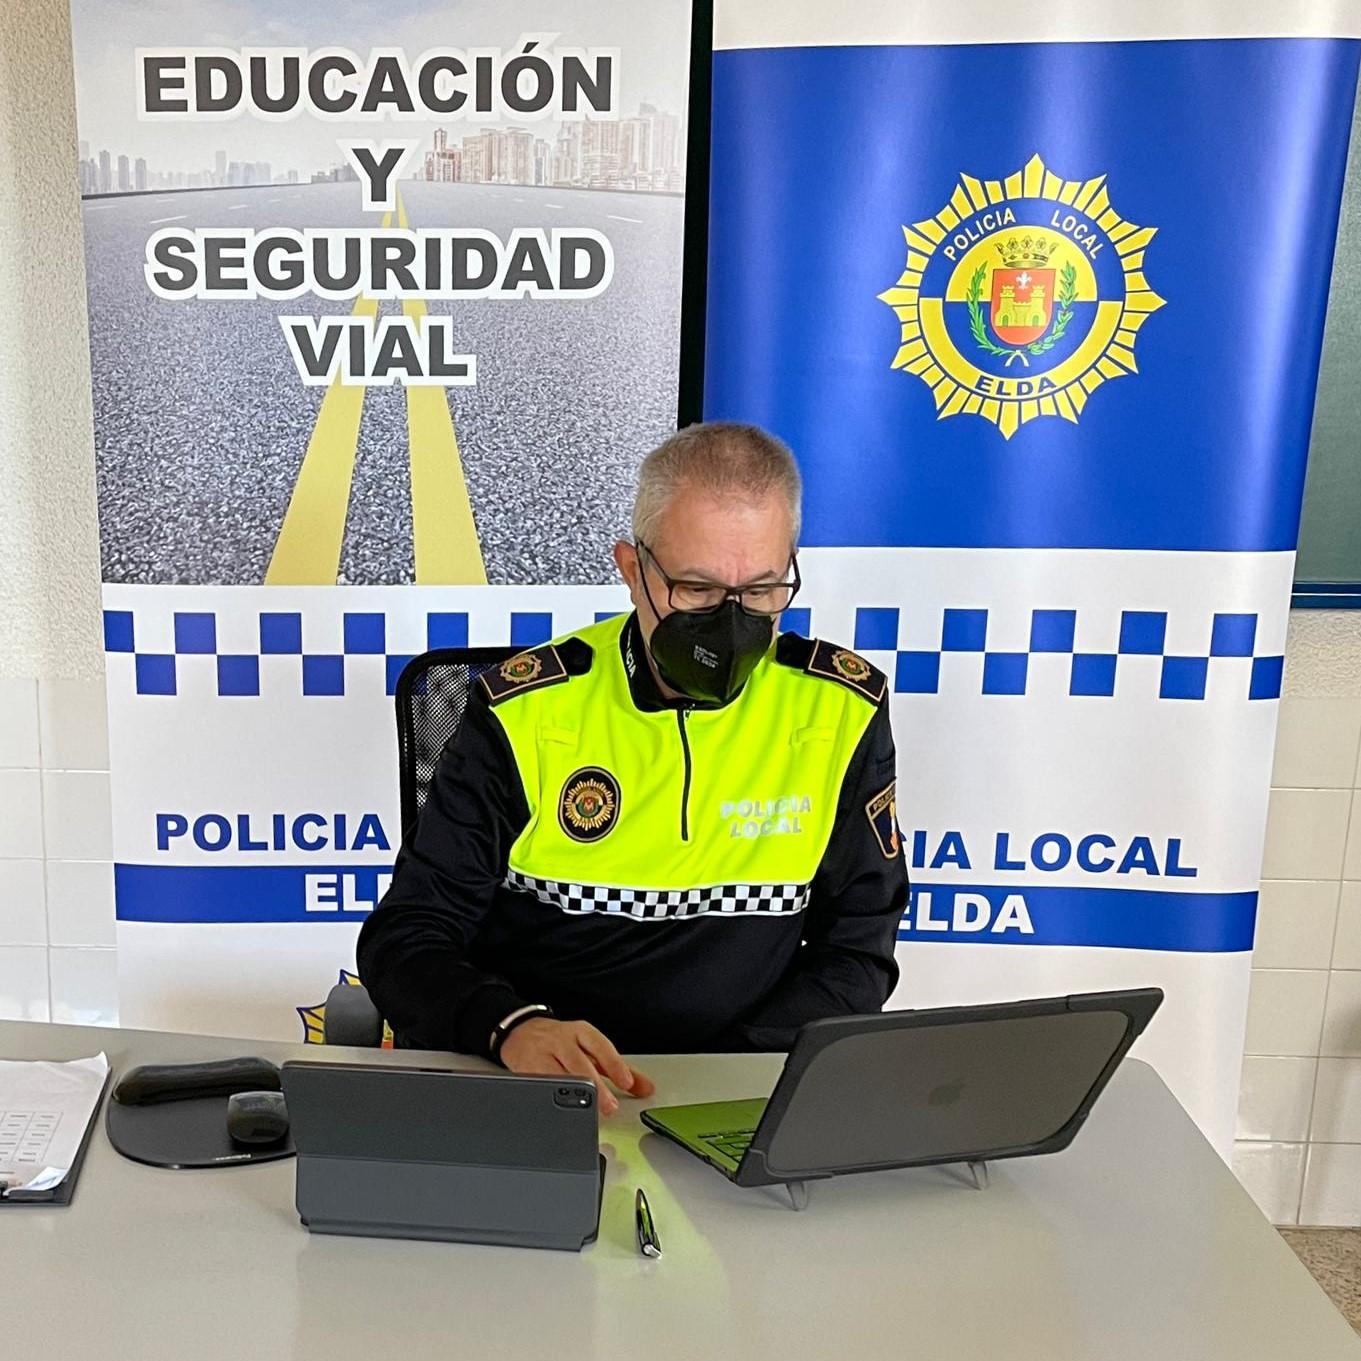 Más de 800 escolares de tres centros educativos de Elda siguen las charlas sobre seguridad vial de manera telemática